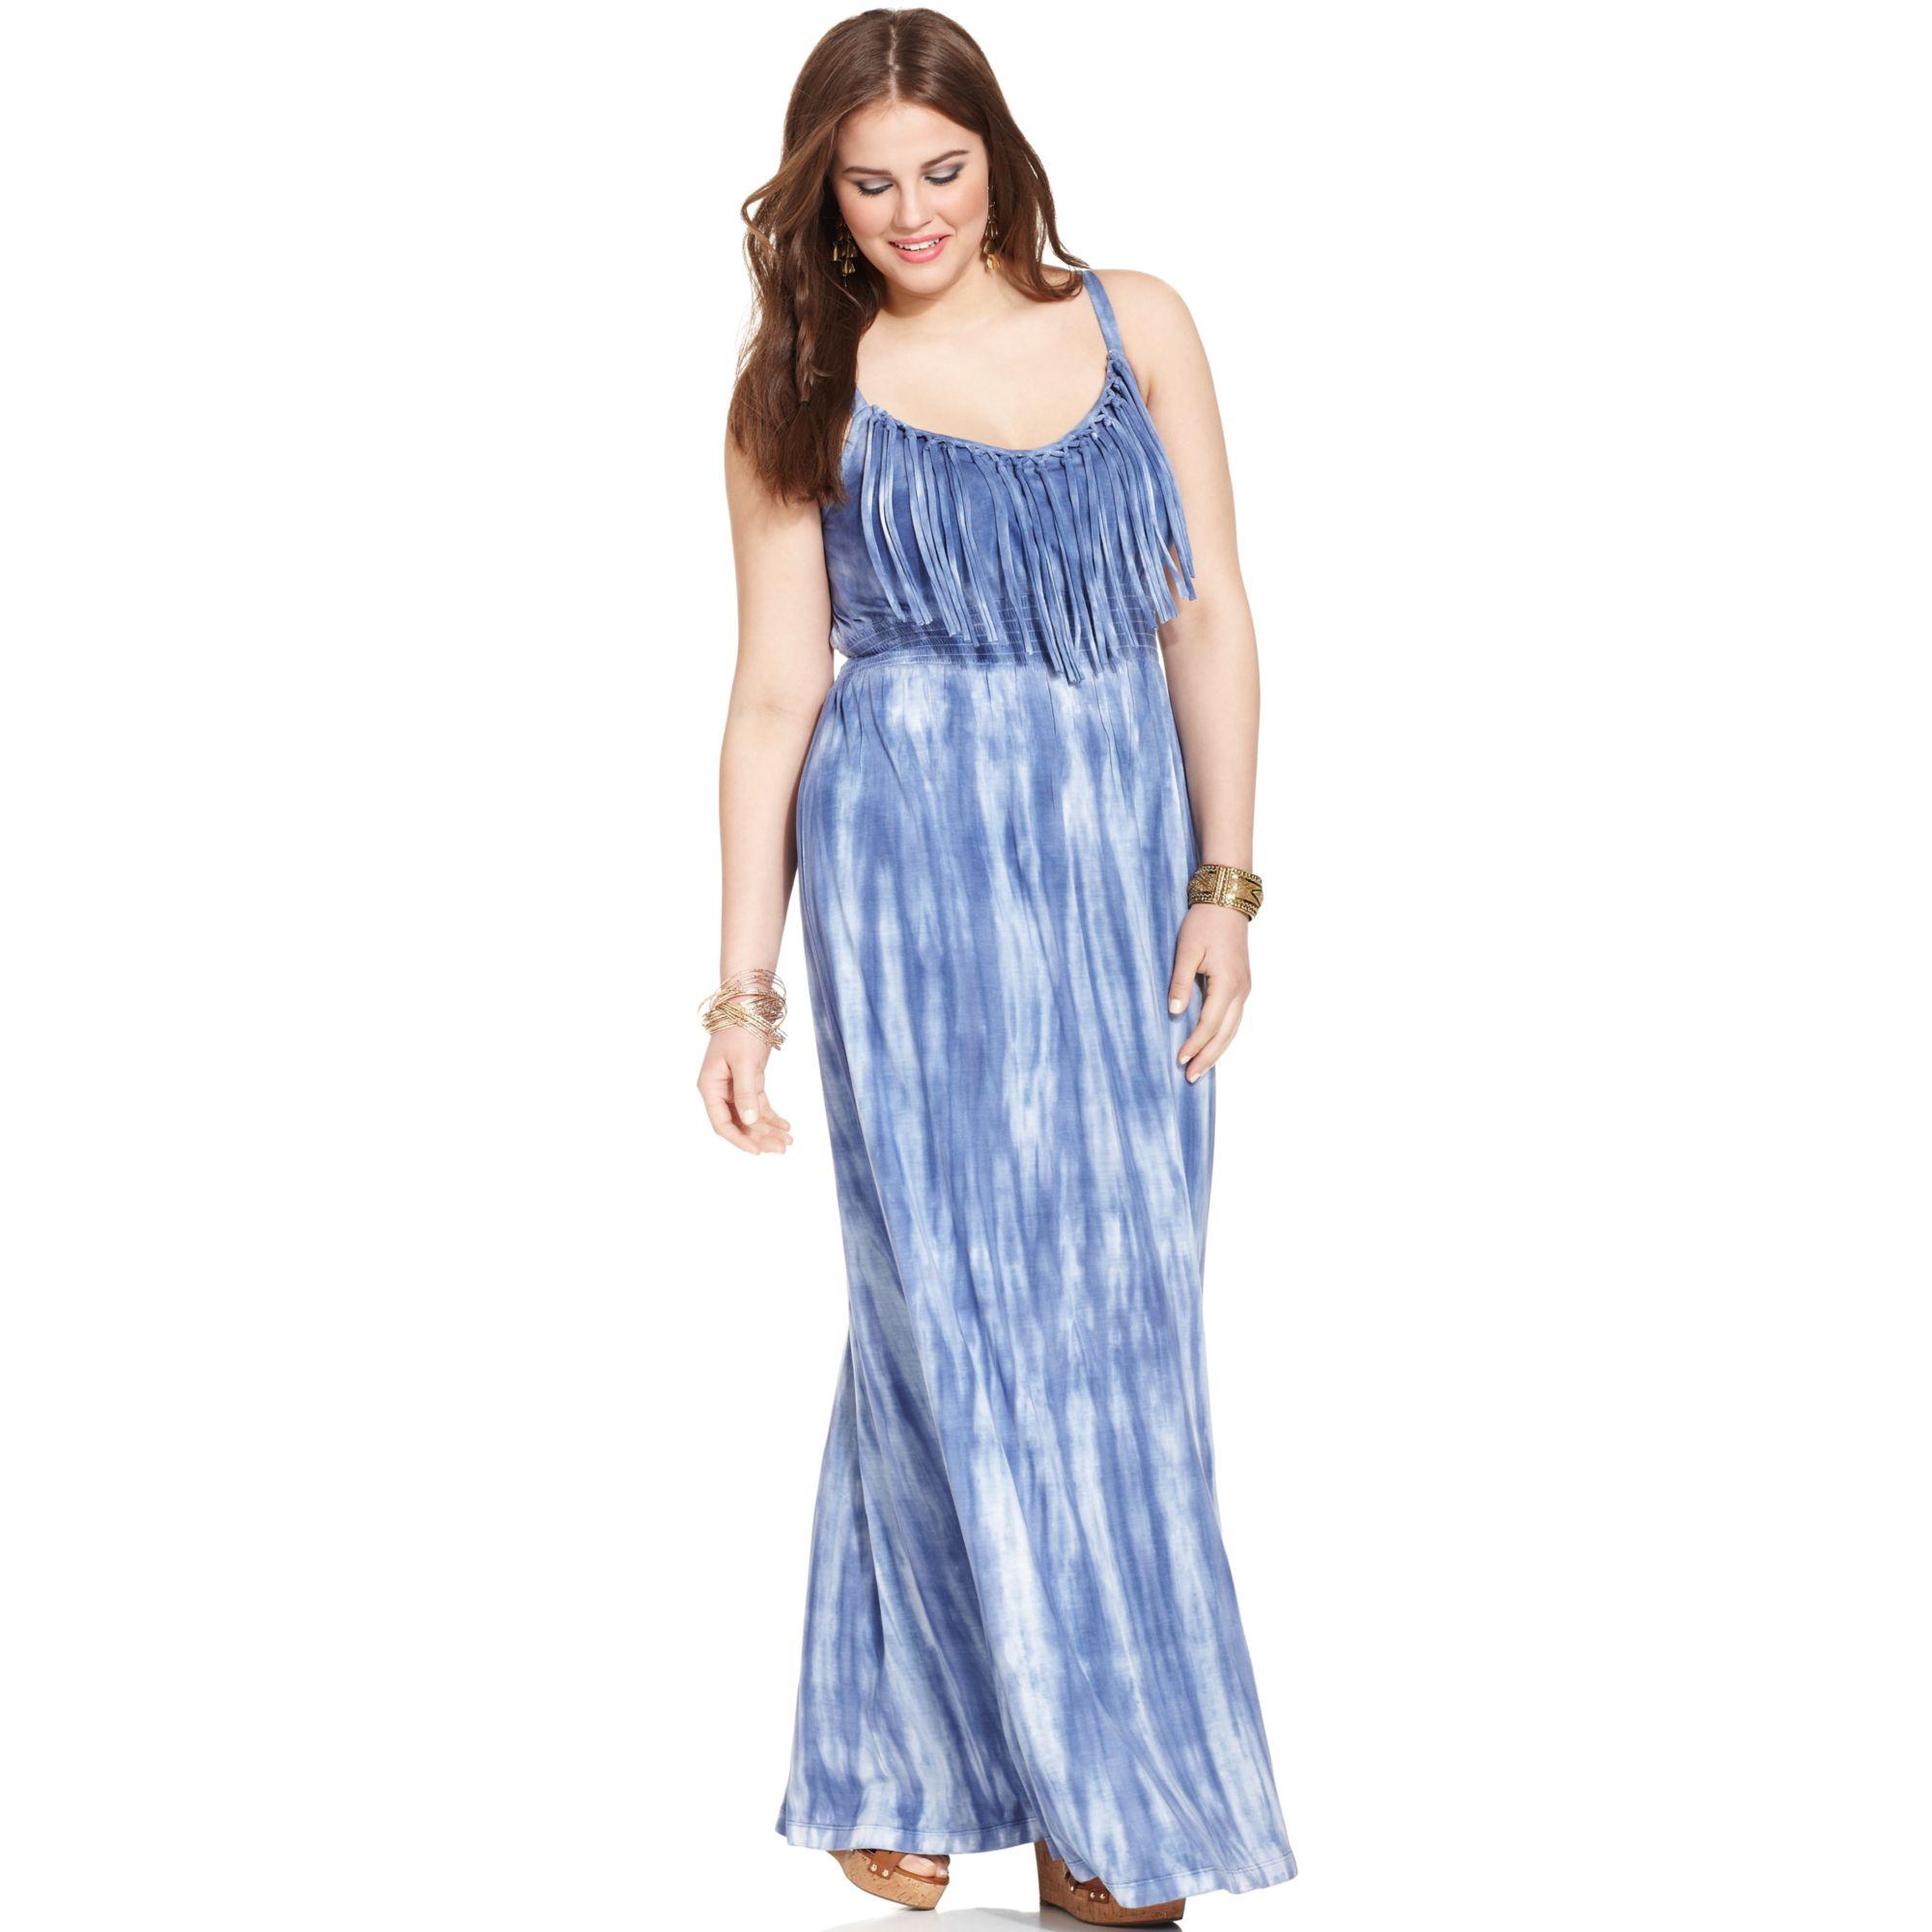 49721056b00 Lyst American Rag Plus Size Fringed Tiedye Maxi Dress In Blue. Turquoise  Purple Tie Dye ...